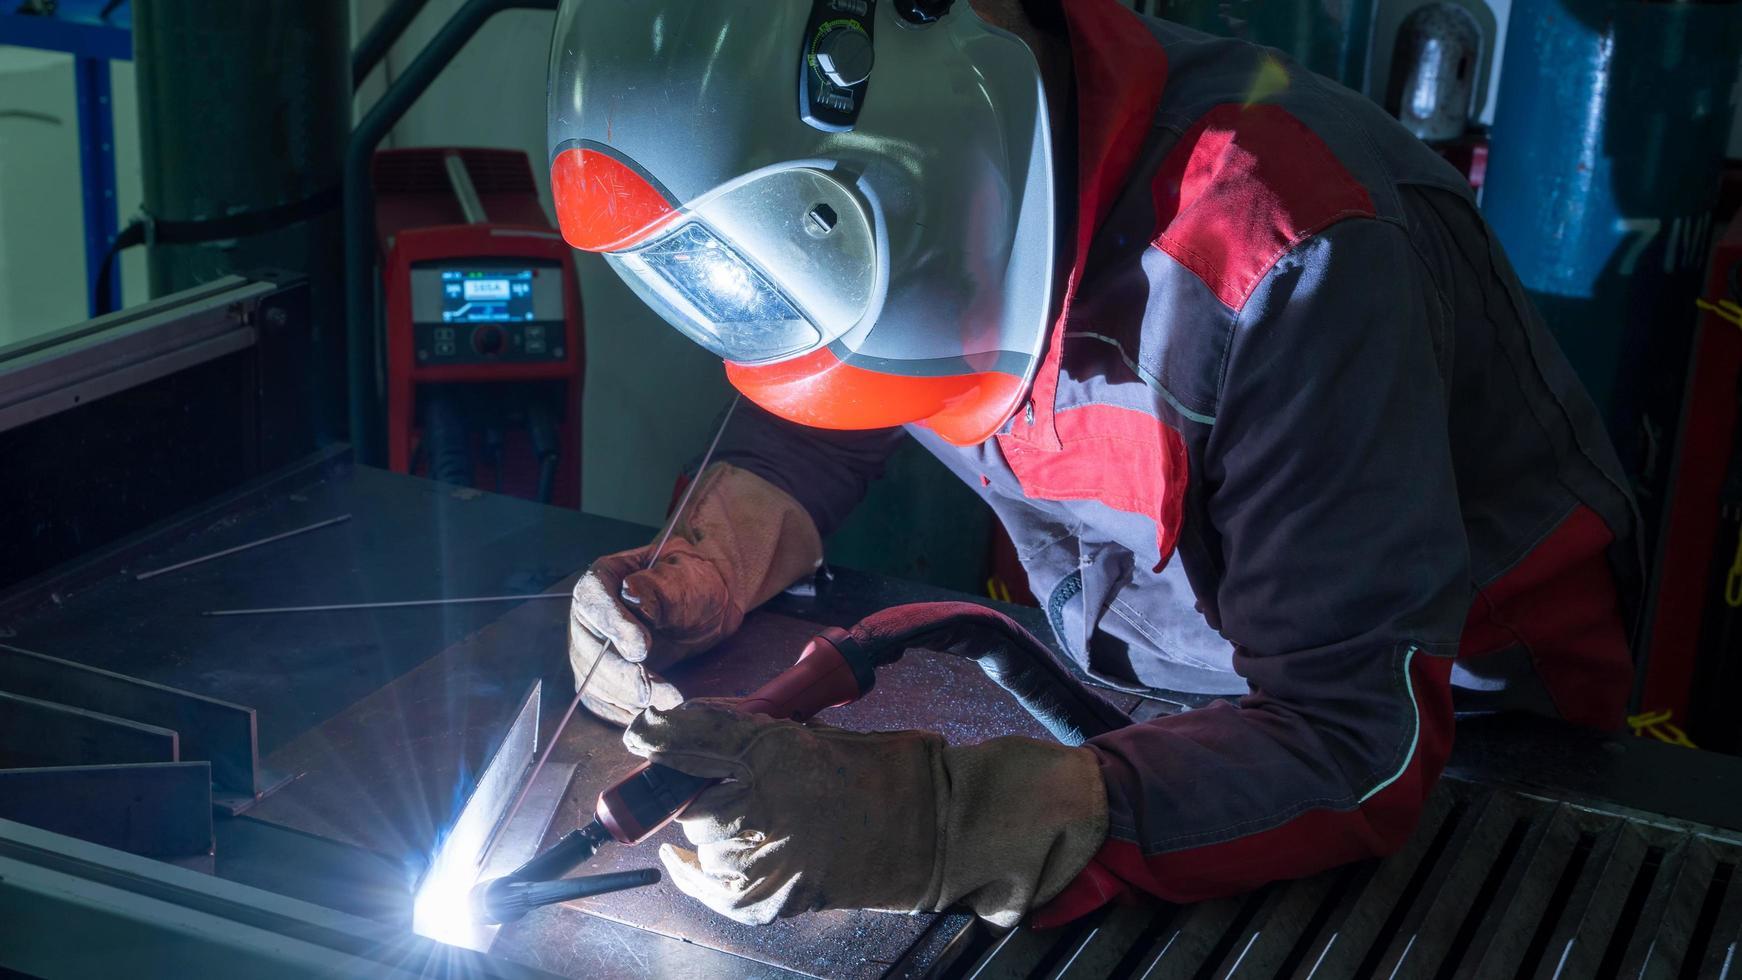 soudage de l'acier inoxydable avec un gaz inerte de tungstène photo